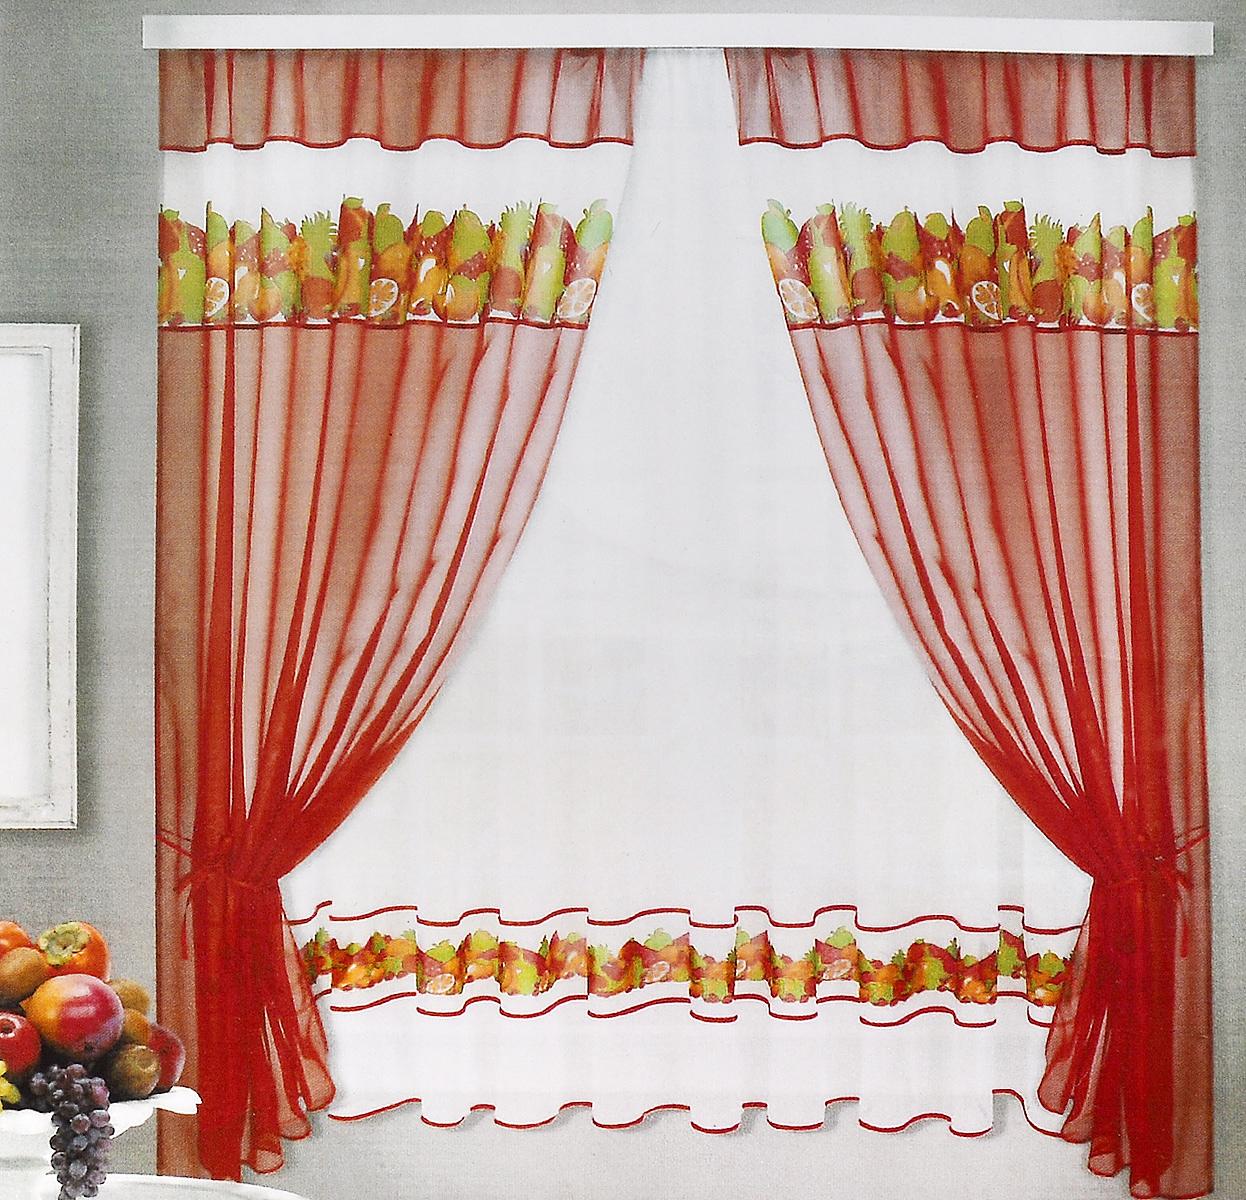 Комплект штор для кухни ТД Текстиль Фруктовая поляна, на ленте, цвет: бордовый, белый, 5 предметов86157_бордовыйКомплект штор для кухни ТД Текстиль Фруктовая поляна, выполненный из вуалевого полотна (100% полиэстер), великолепно украсит любое окно. Комплект состоит из тюля, двух штор и двух подхватов. Оригинальный дизайн и яркая цветовая гамма привлекут к себе внимание и органично впишутся в интерьер помещения. Комплект крепится на карниз при помощи ленты, которая поможет красиво и равномерно задрапировать верх. Комплект будет долгое время радовать вас и вашу семью!